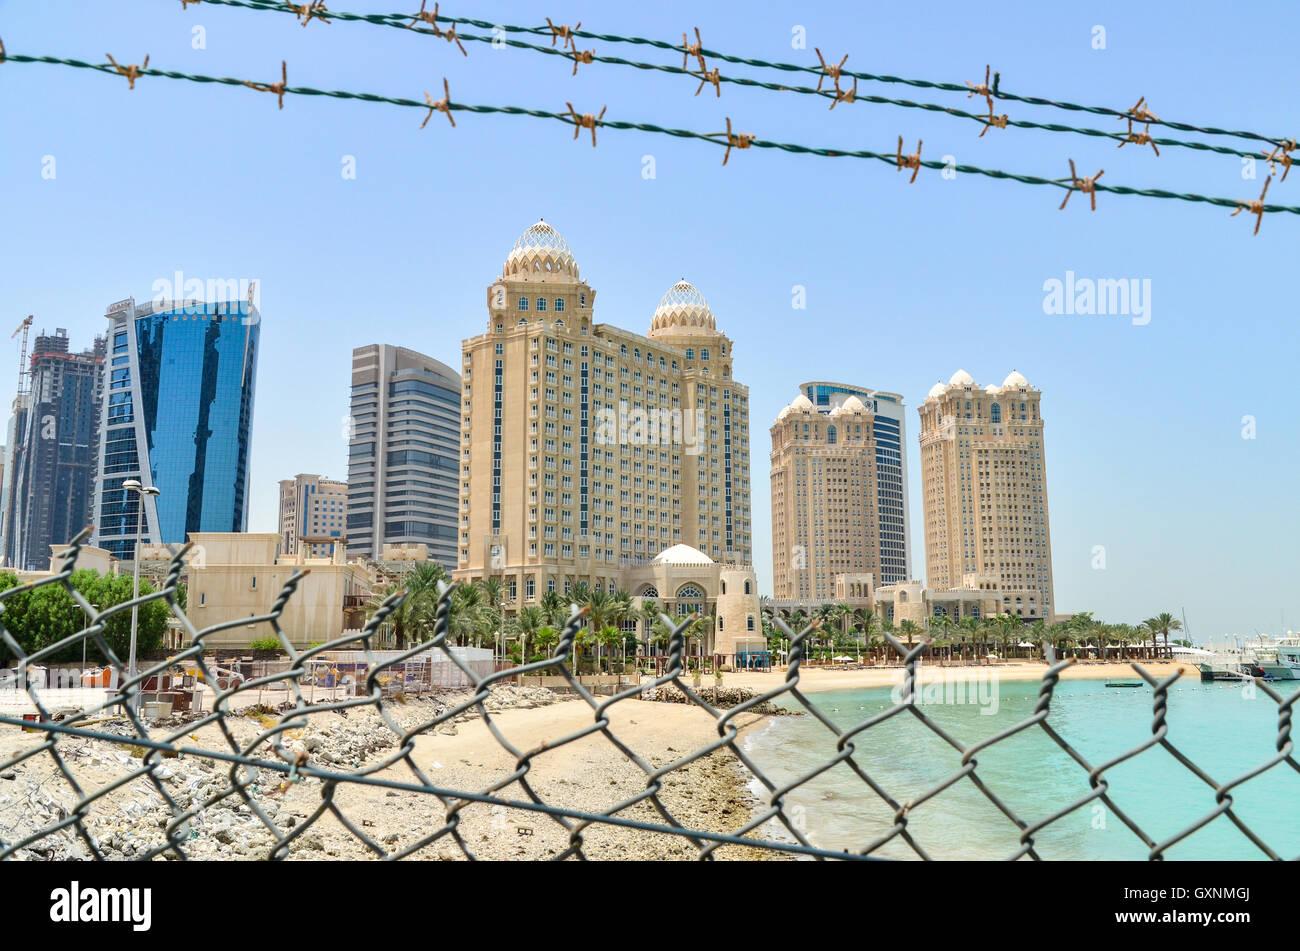 Recinzioni e filo spinato di fronte i grattacieli di Doha, in Qatar Immagini Stock